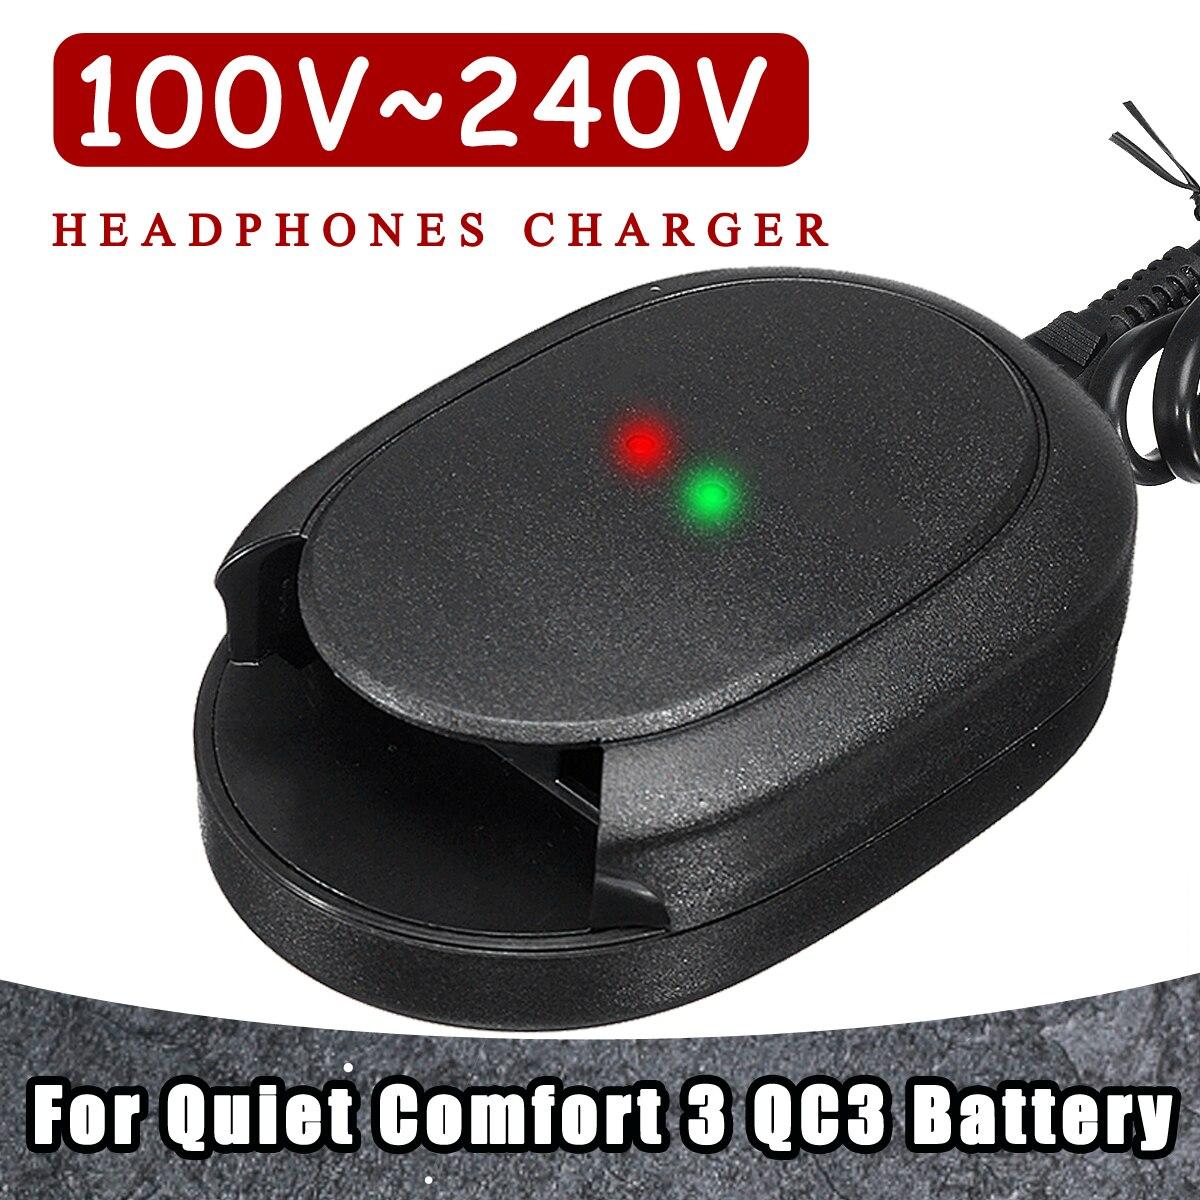 Kinco Kopfhörer Ladegerät Für Ruhige für Komfort 3 für QC3 100 V ~ 240 v Schnelle Lade Tragbare Reise Hause wand Batterie Power Versorgung